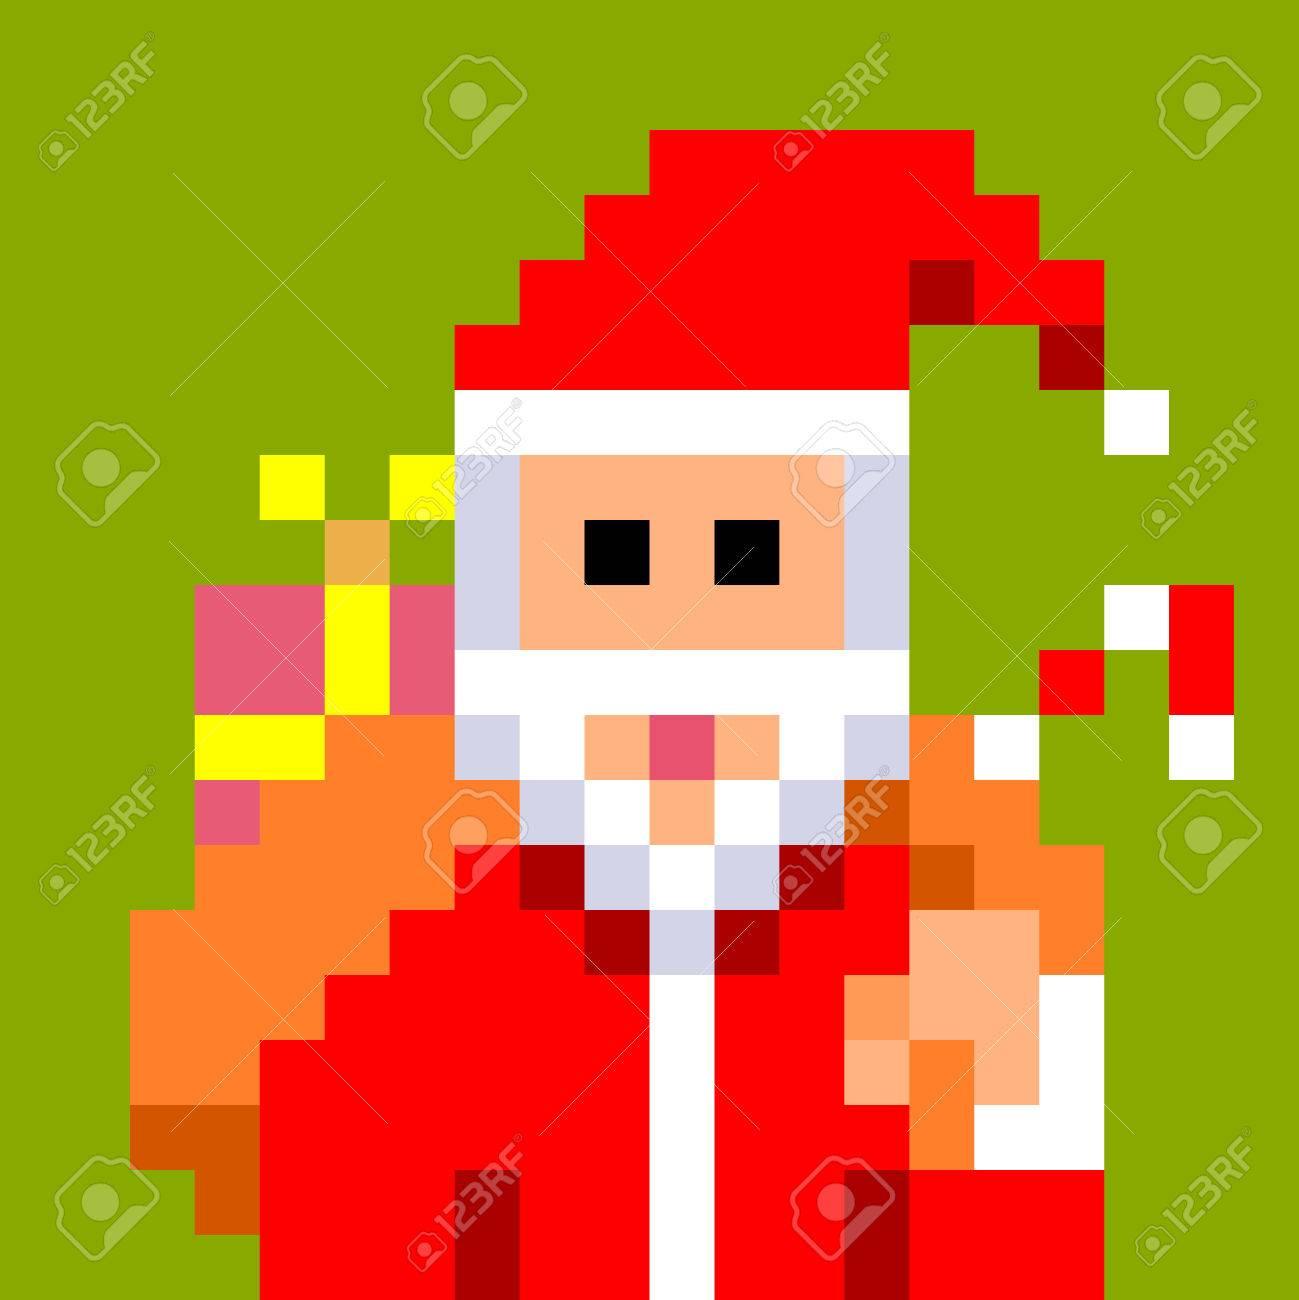 Pixel Art Santa Claus Carrying A Big Bag Full Of Presents For